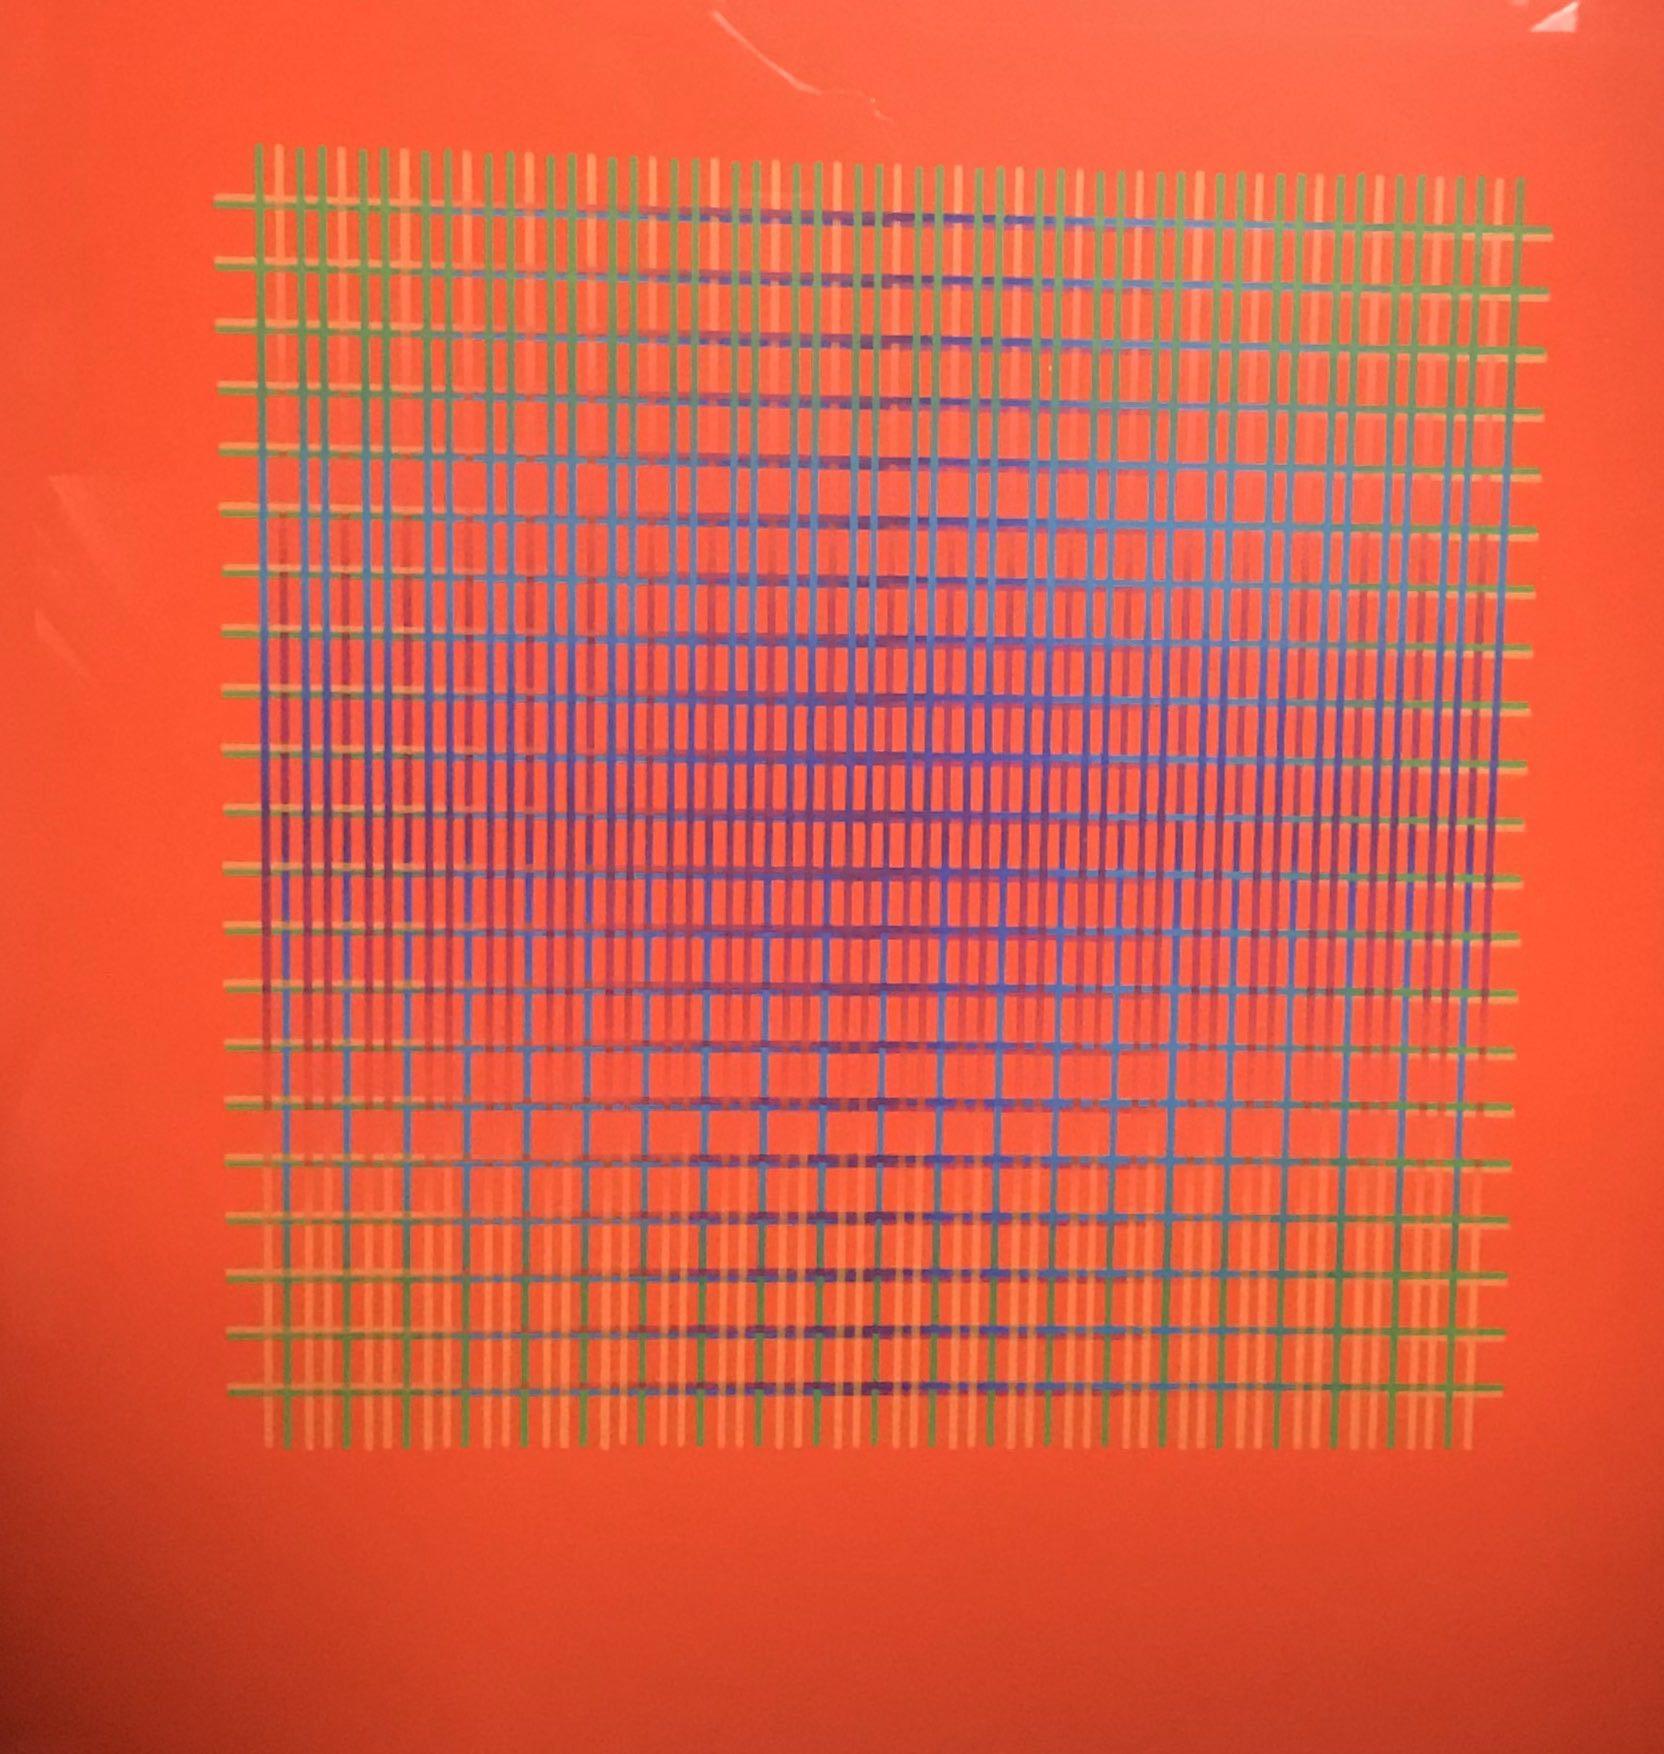 """<span class=""""link fancybox-details-link""""><a href=""""/artists/168-julia-atkinson/works/2600-julia-atkinson-interchange-series-14-vermillion-1977/"""">View Detail Page</a></span><div class=""""artist""""><strong>Julia Atkinson</strong></div> <div class=""""title""""><em>Interchange - Series 14 - Vermillion</em>, 1977</div> <div class=""""medium"""">Screenprint on chromalux paper</div> <div class=""""dimensions"""">7 1x 50 cm</div> <div class=""""edition_details"""">Edition of 20 (#2/20)</div><div class=""""price"""">£750.00</div><div class=""""copyright_line"""">Copyright The Artist</div>"""